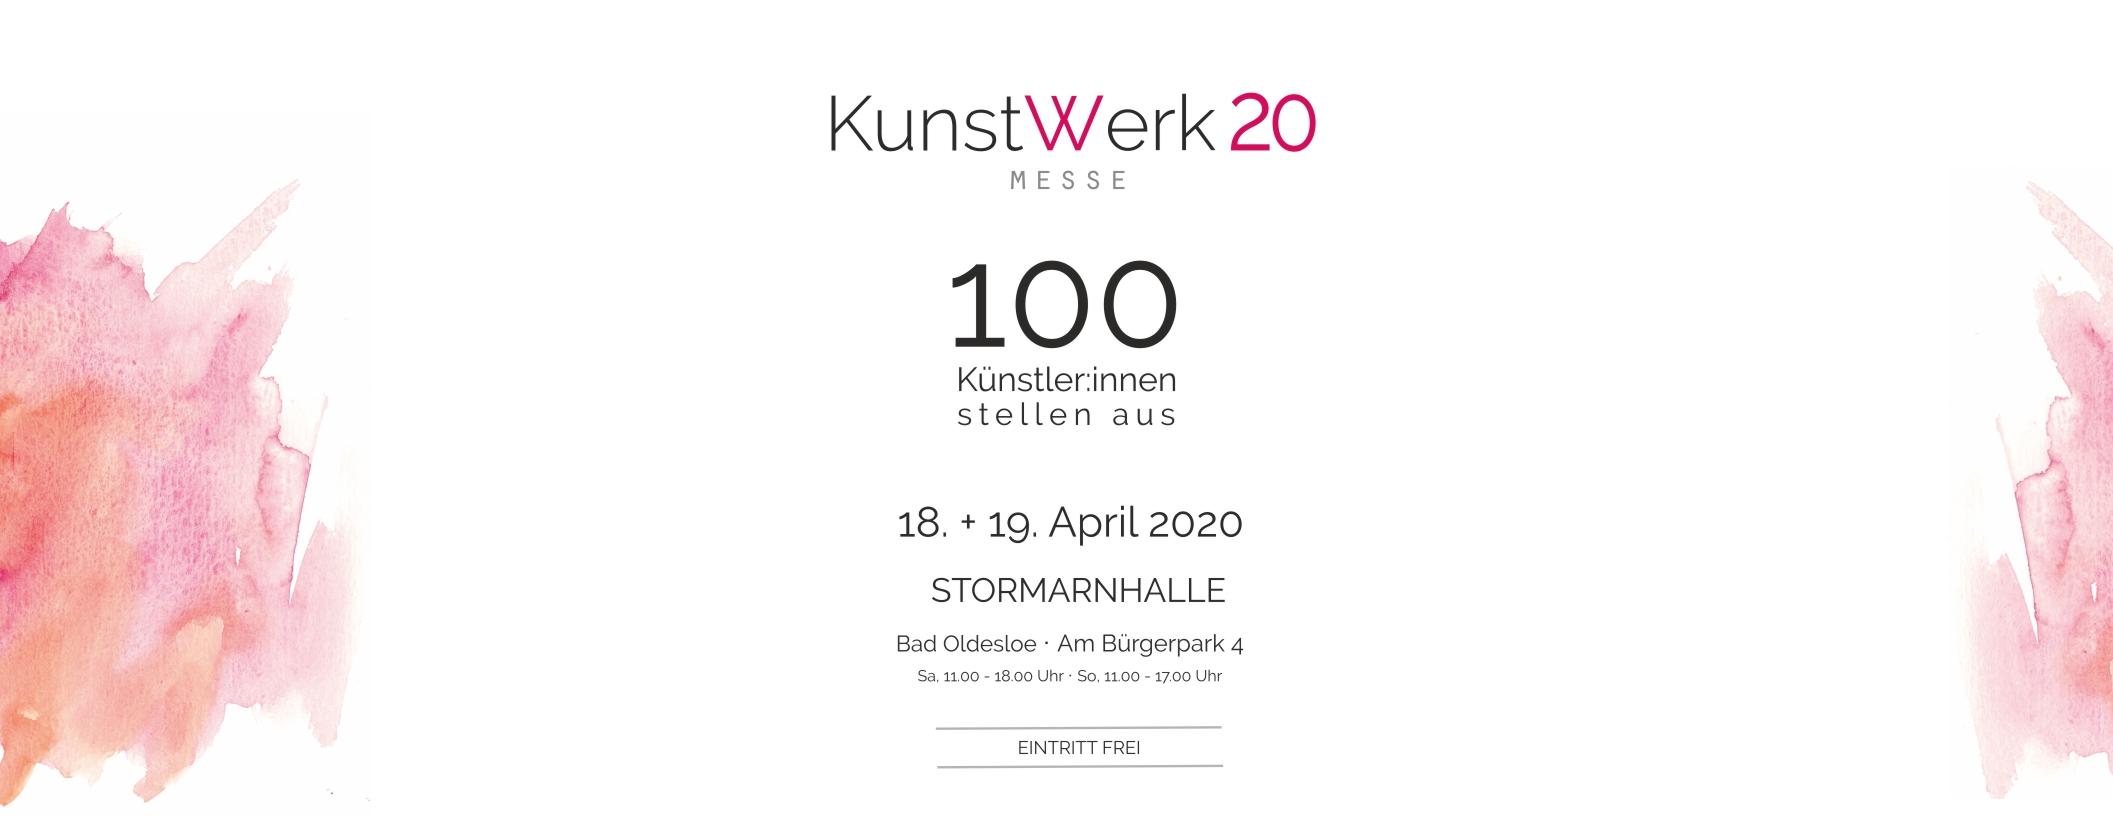 KunstWerk20 in Bad OIdesloe